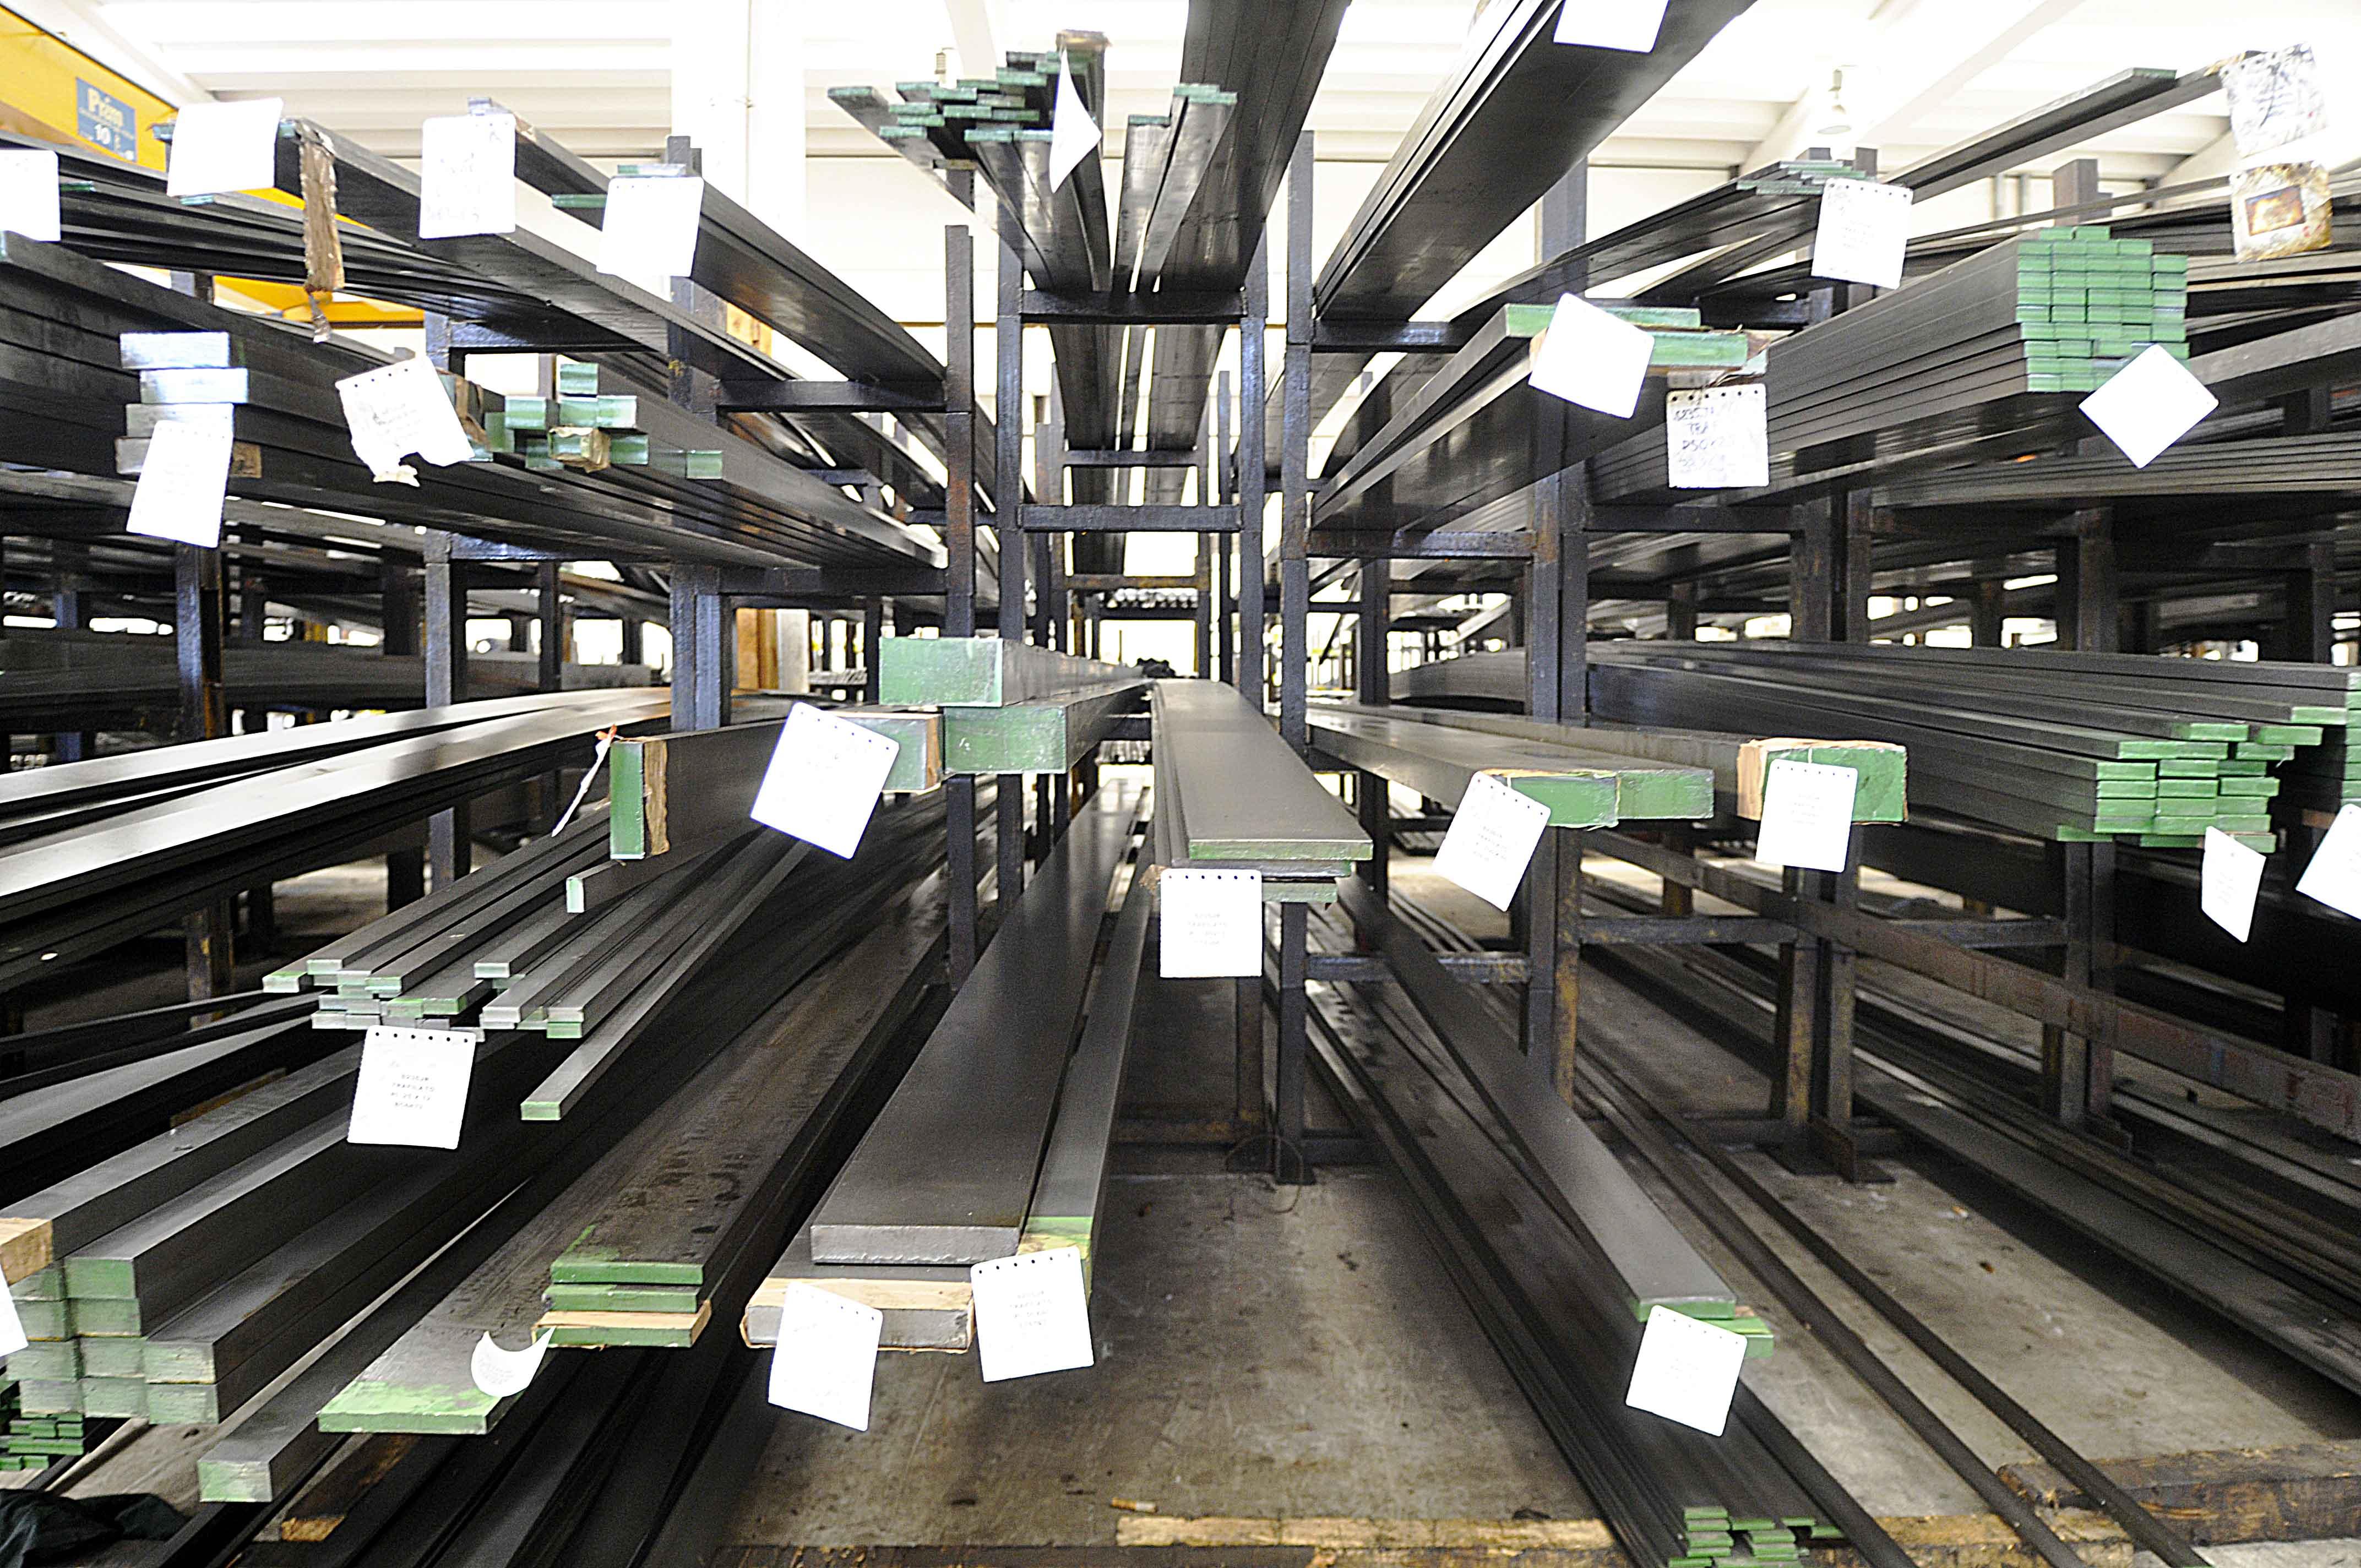 tagli-acciai-interno-centro-siderurgico-6